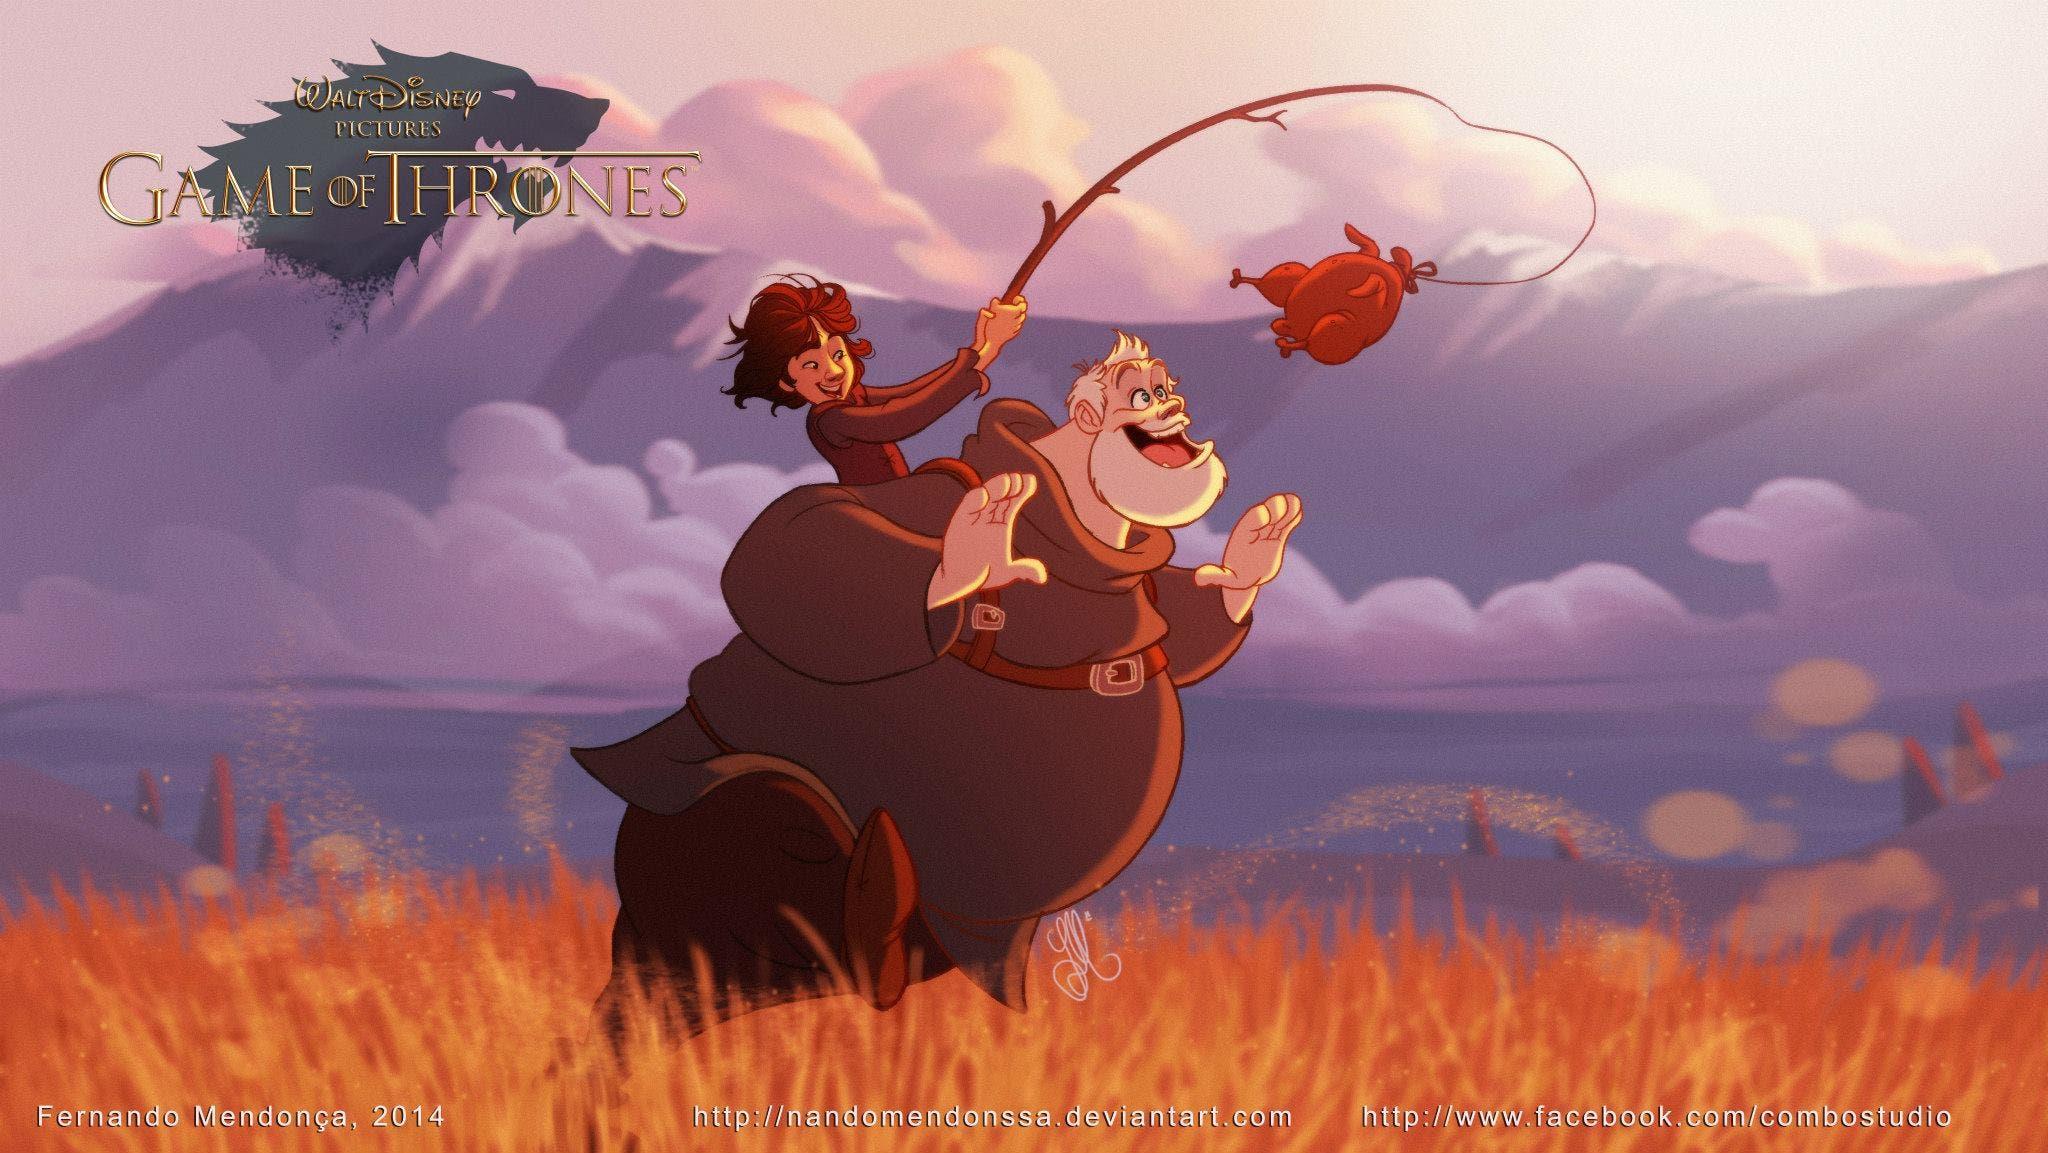 Bran Stark y Hodor versión Disney de Juego de Tronos. Por Fernando Mendonça y Anderson Mahanski